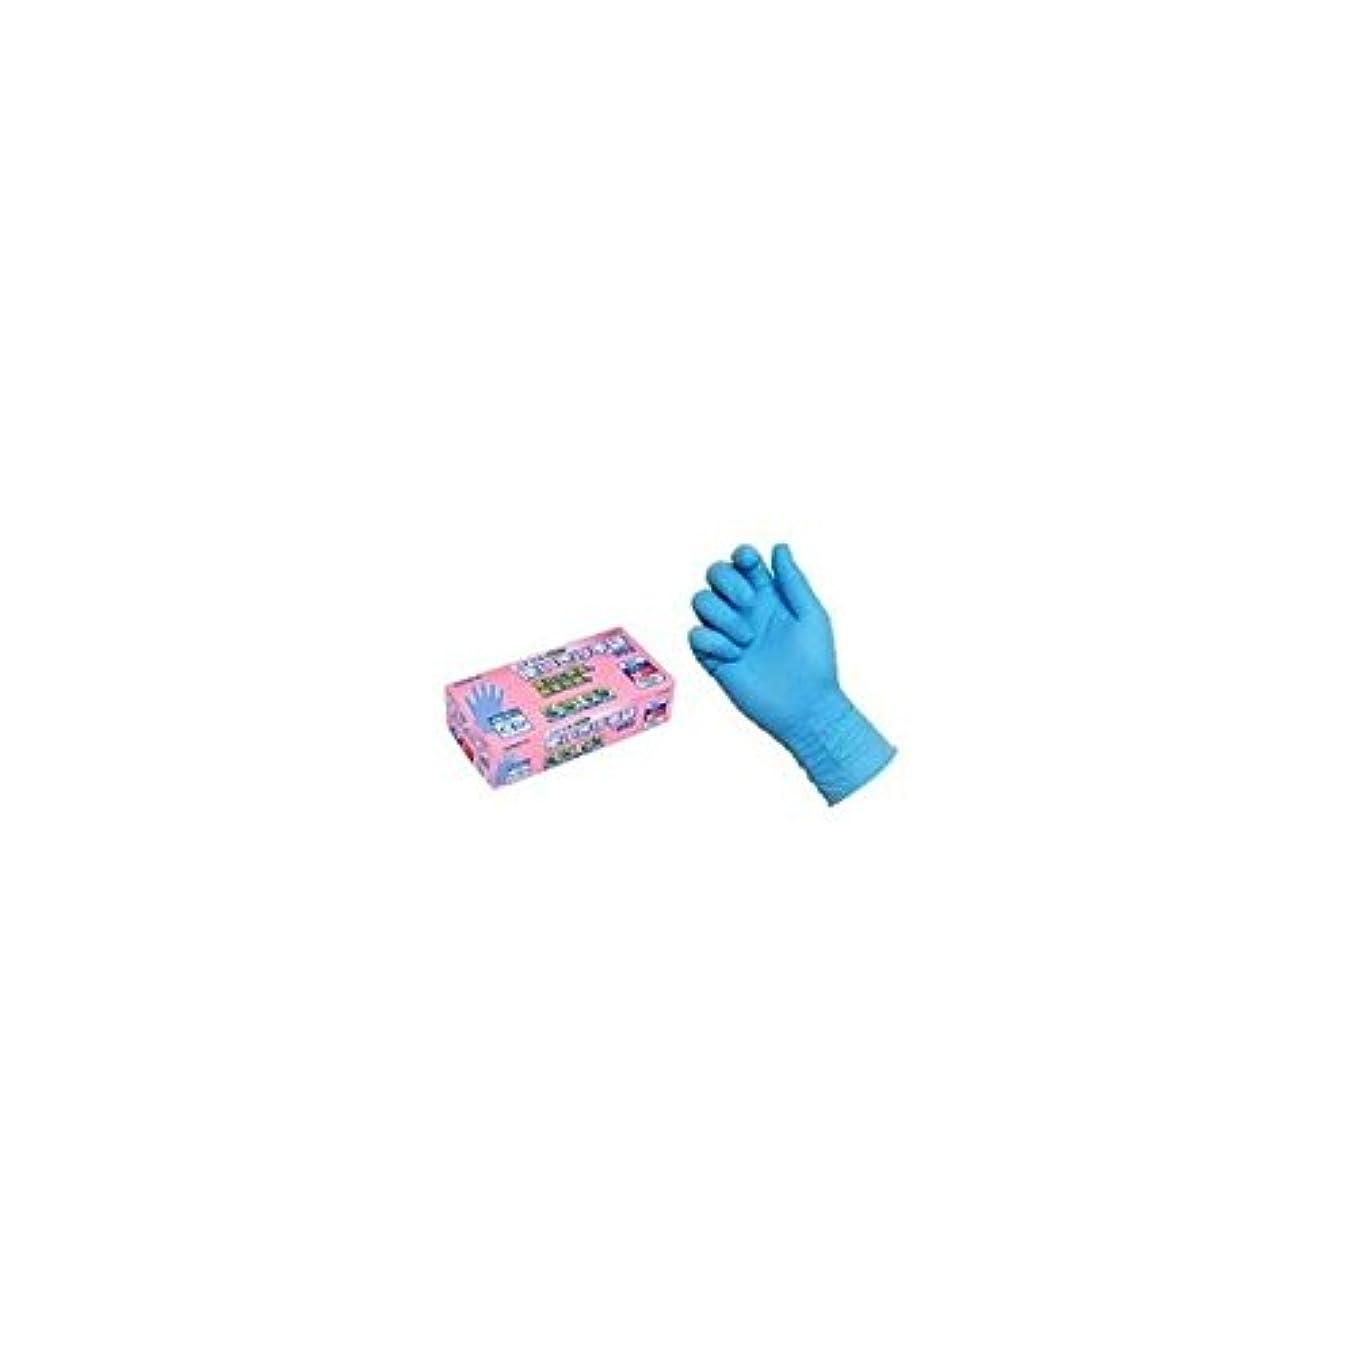 倫理的郵便払い戻しニトリル使いきり手袋 PF NO.992 M ブルー エステー 【商品CD】ST4779